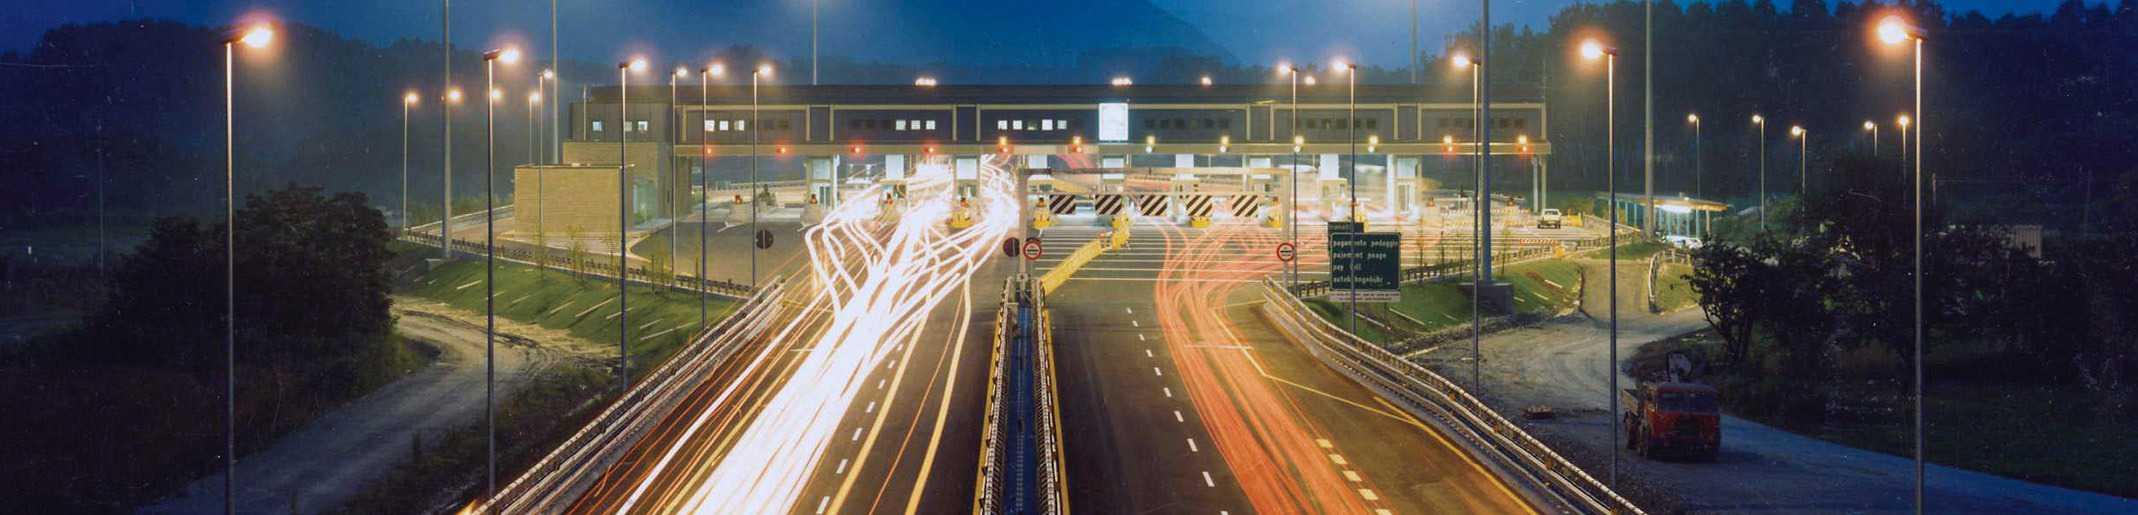 La barriera di Avigliana sulla A32 Torino-Bardonecchia